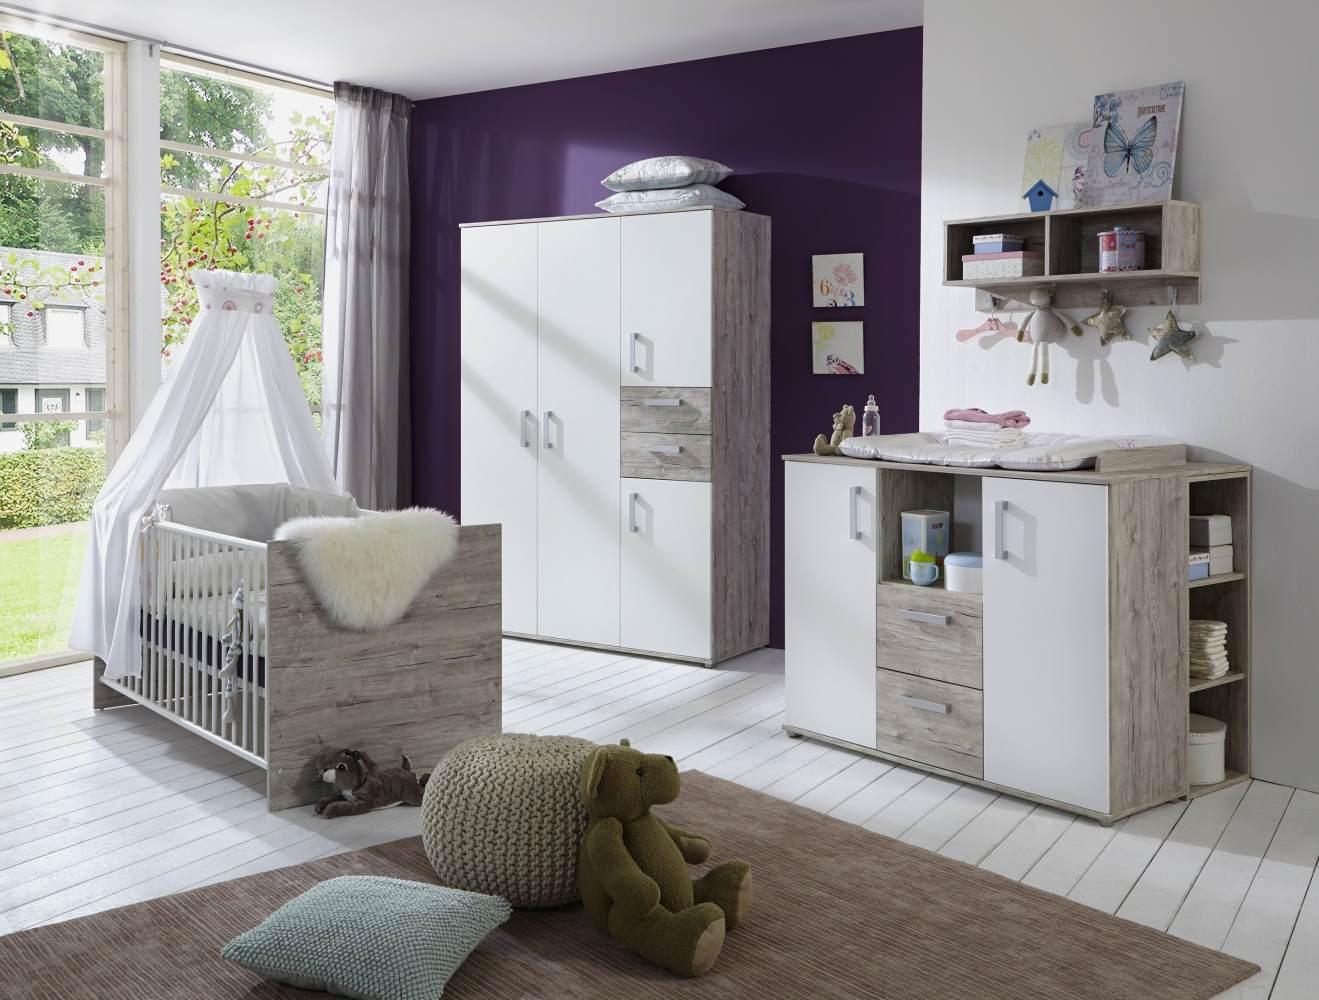 Arthur Berndt 'Bente' Babyzimmer Sparset 2-teilig, Kinderbett (70 x 140 cm) und Wickelkommode mit Aufsatzseiten Eiche Sand / Weiß Bild 1